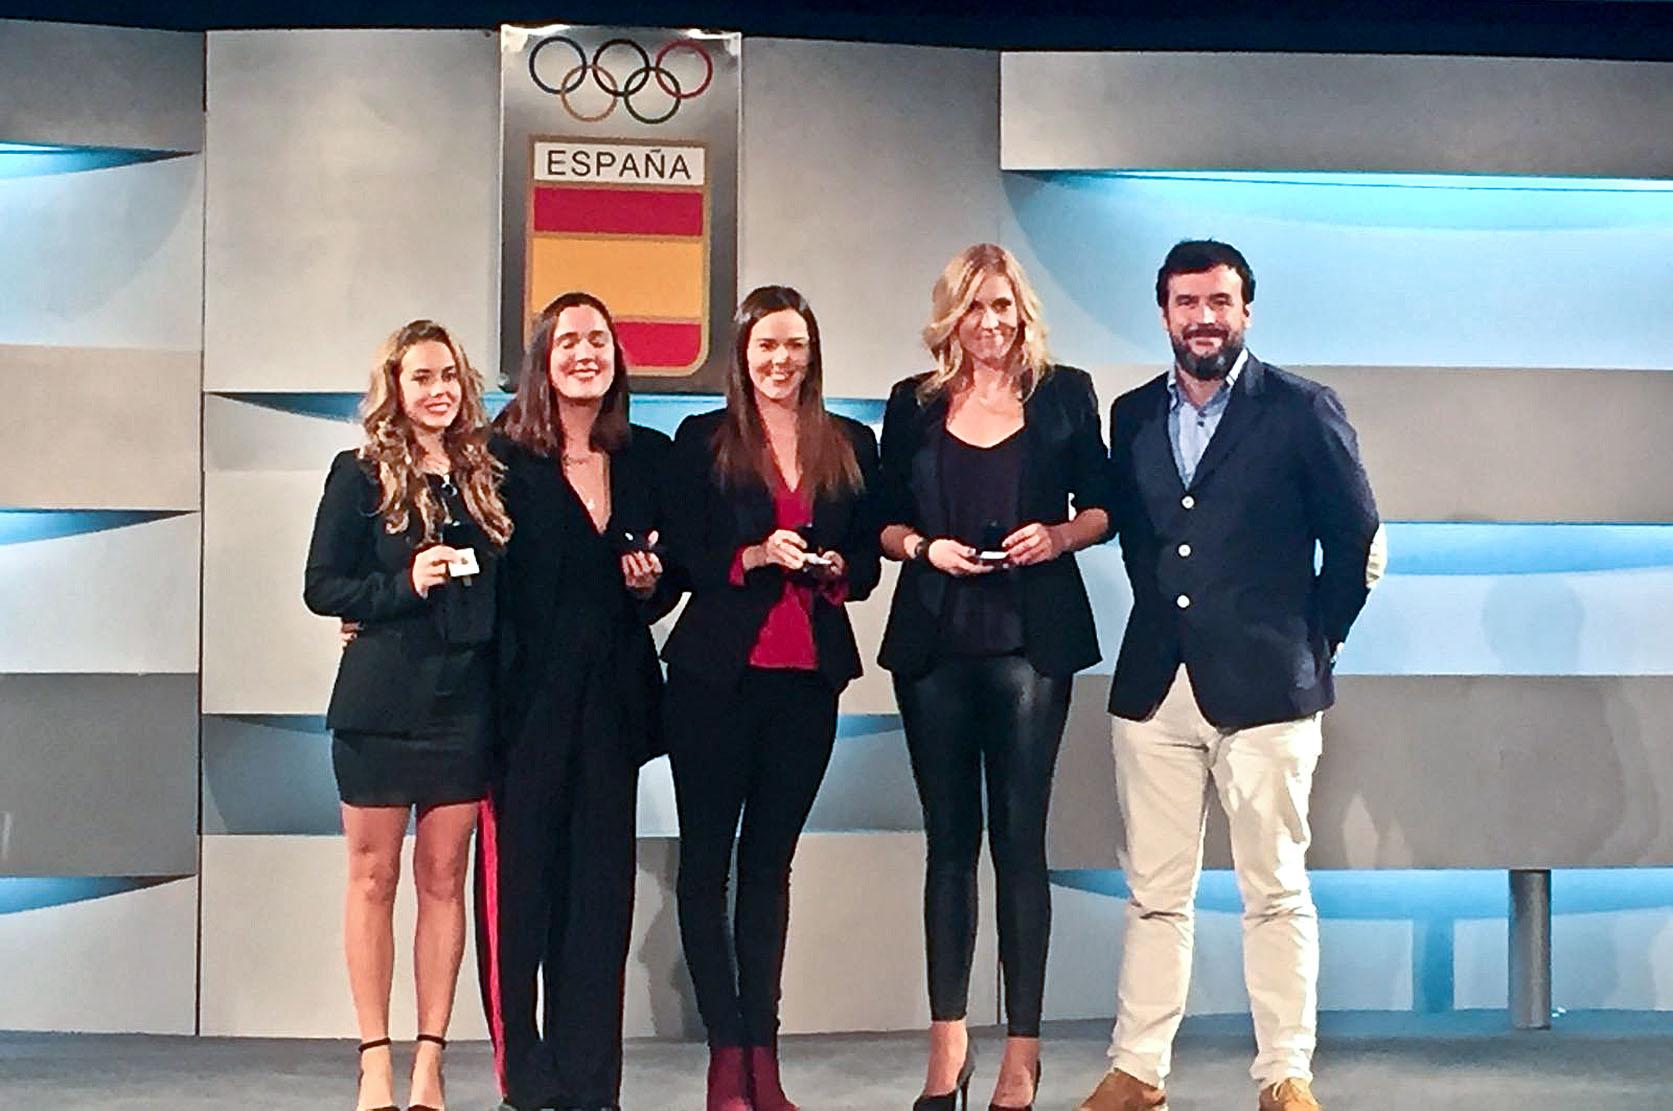 Cristina Salvador i Ana Copado, tercera i segona per la dreta, recollint la insígnia d'or de la federació, a Madrid